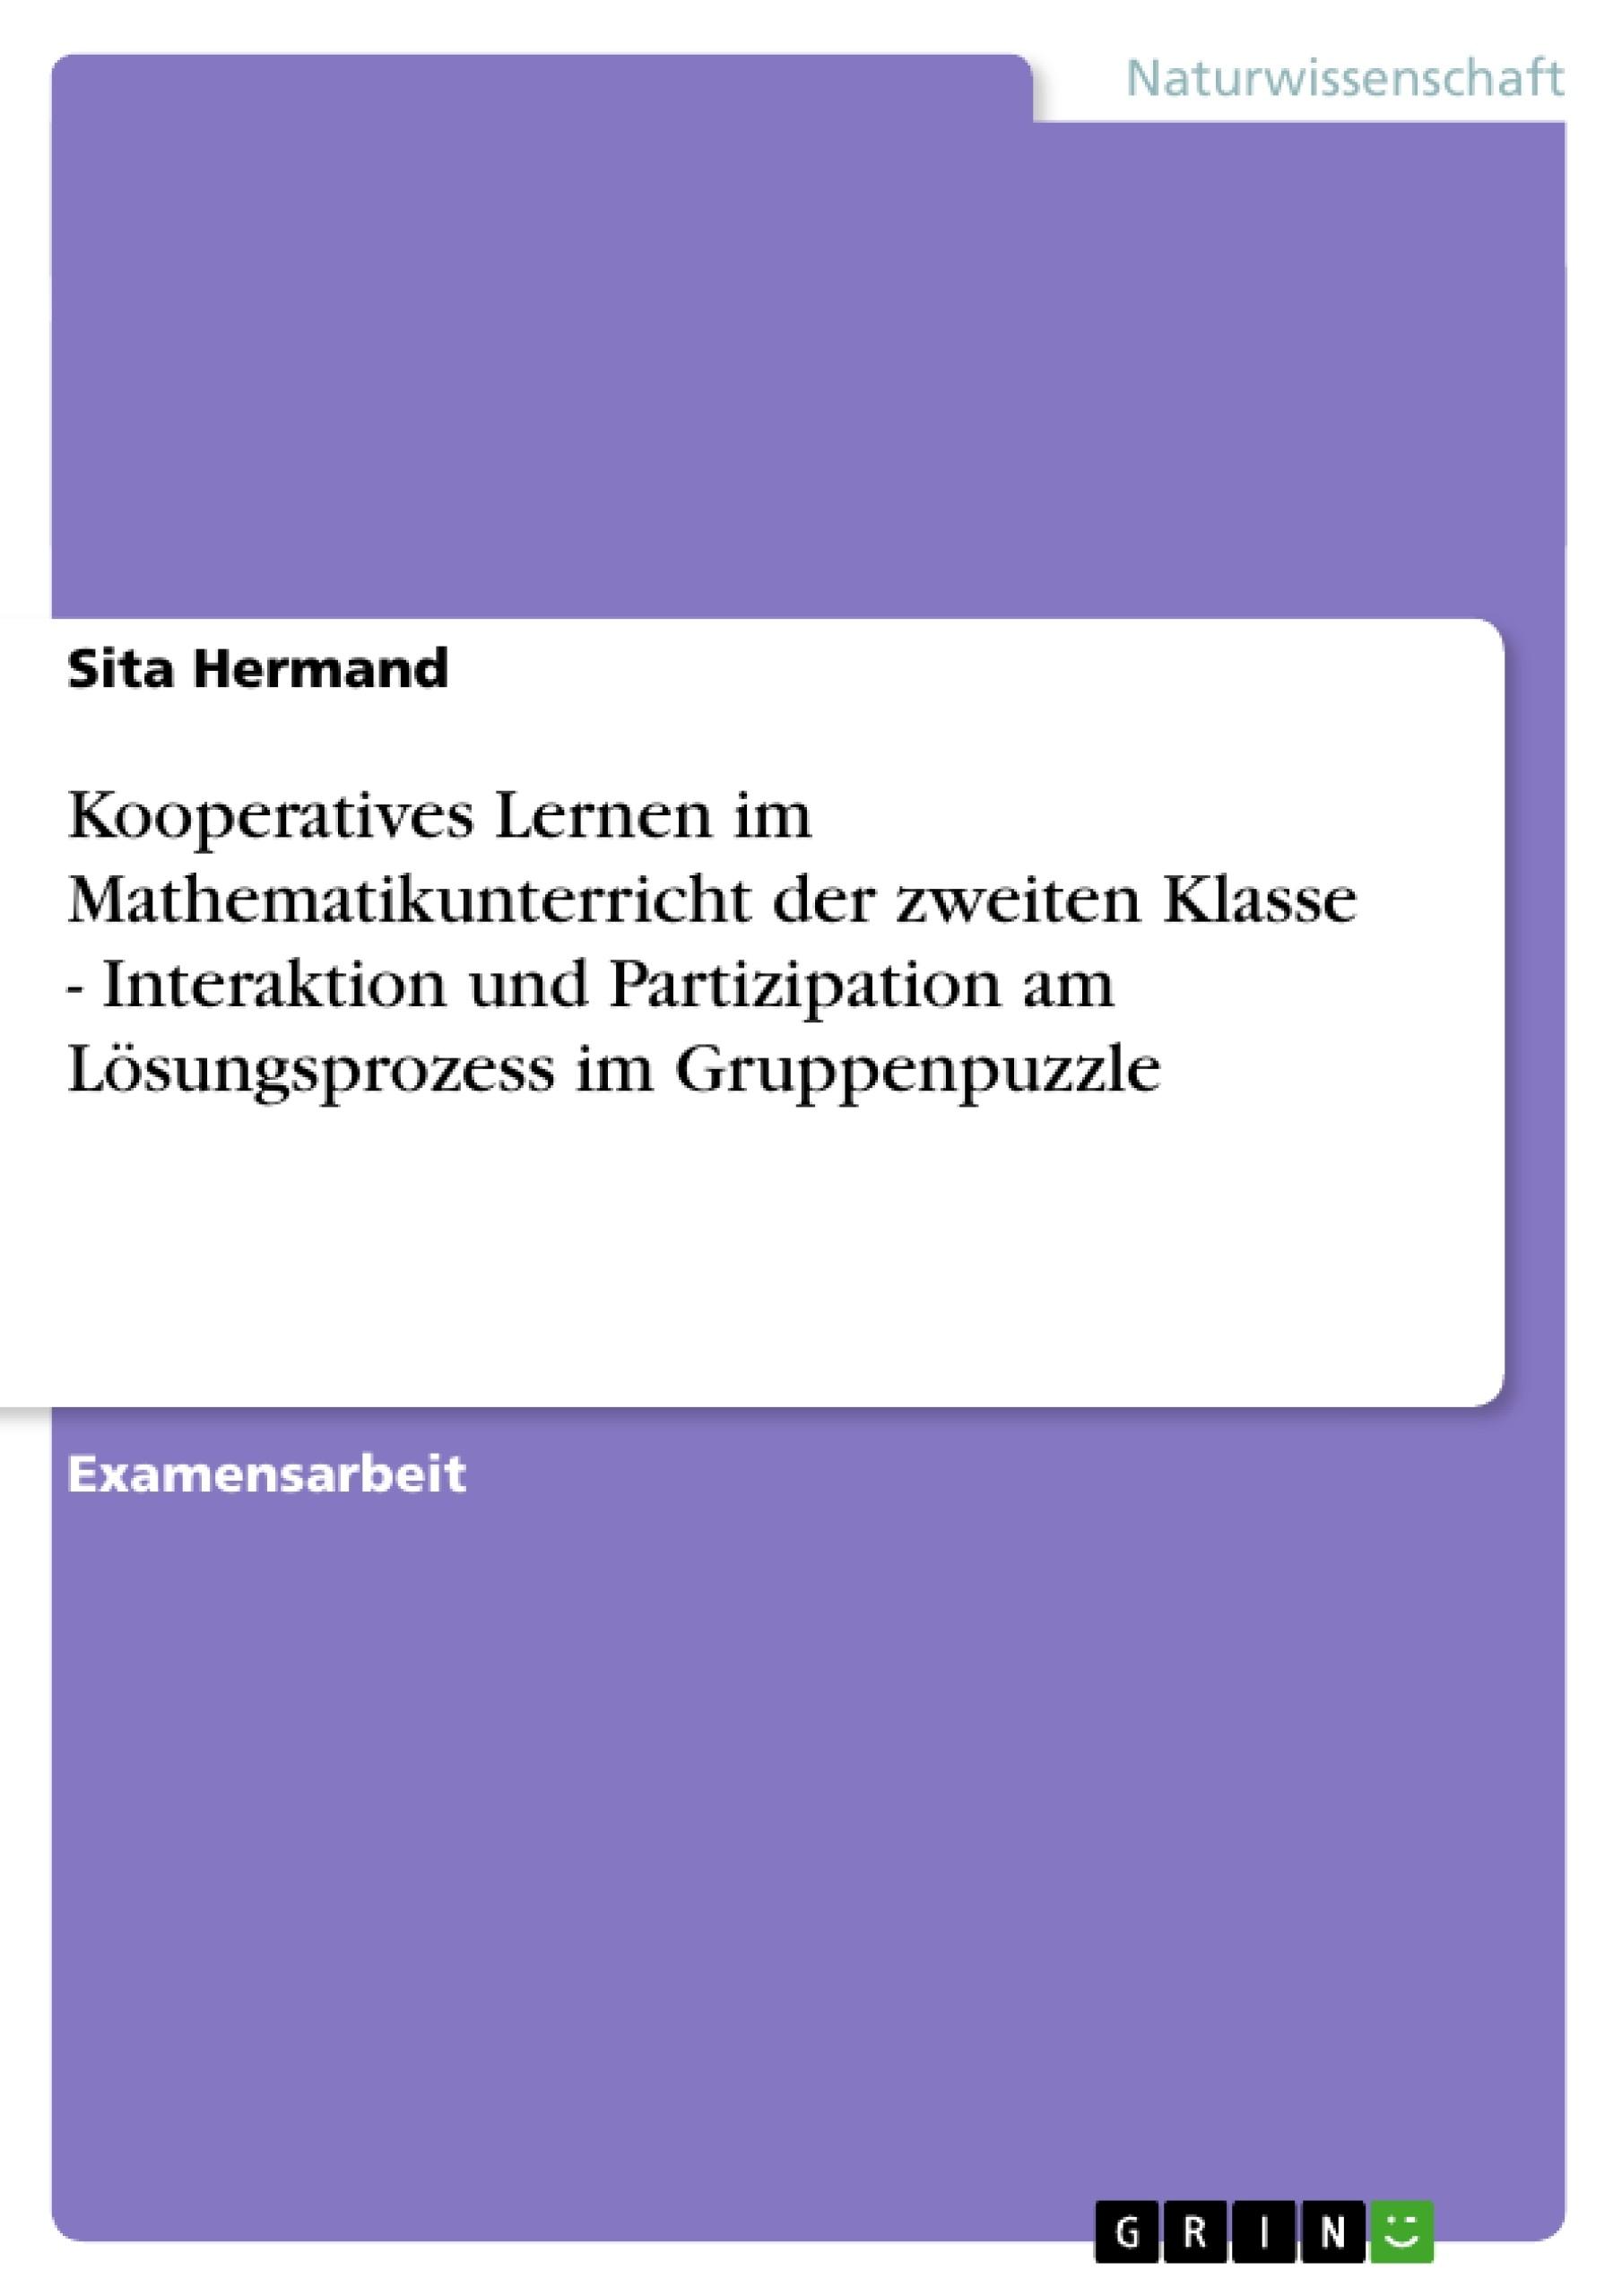 Titel: Kooperatives Lernen im Mathematikunterricht der zweiten Klasse - Interaktion und Partizipation am Lösungsprozess im Gruppenpuzzle